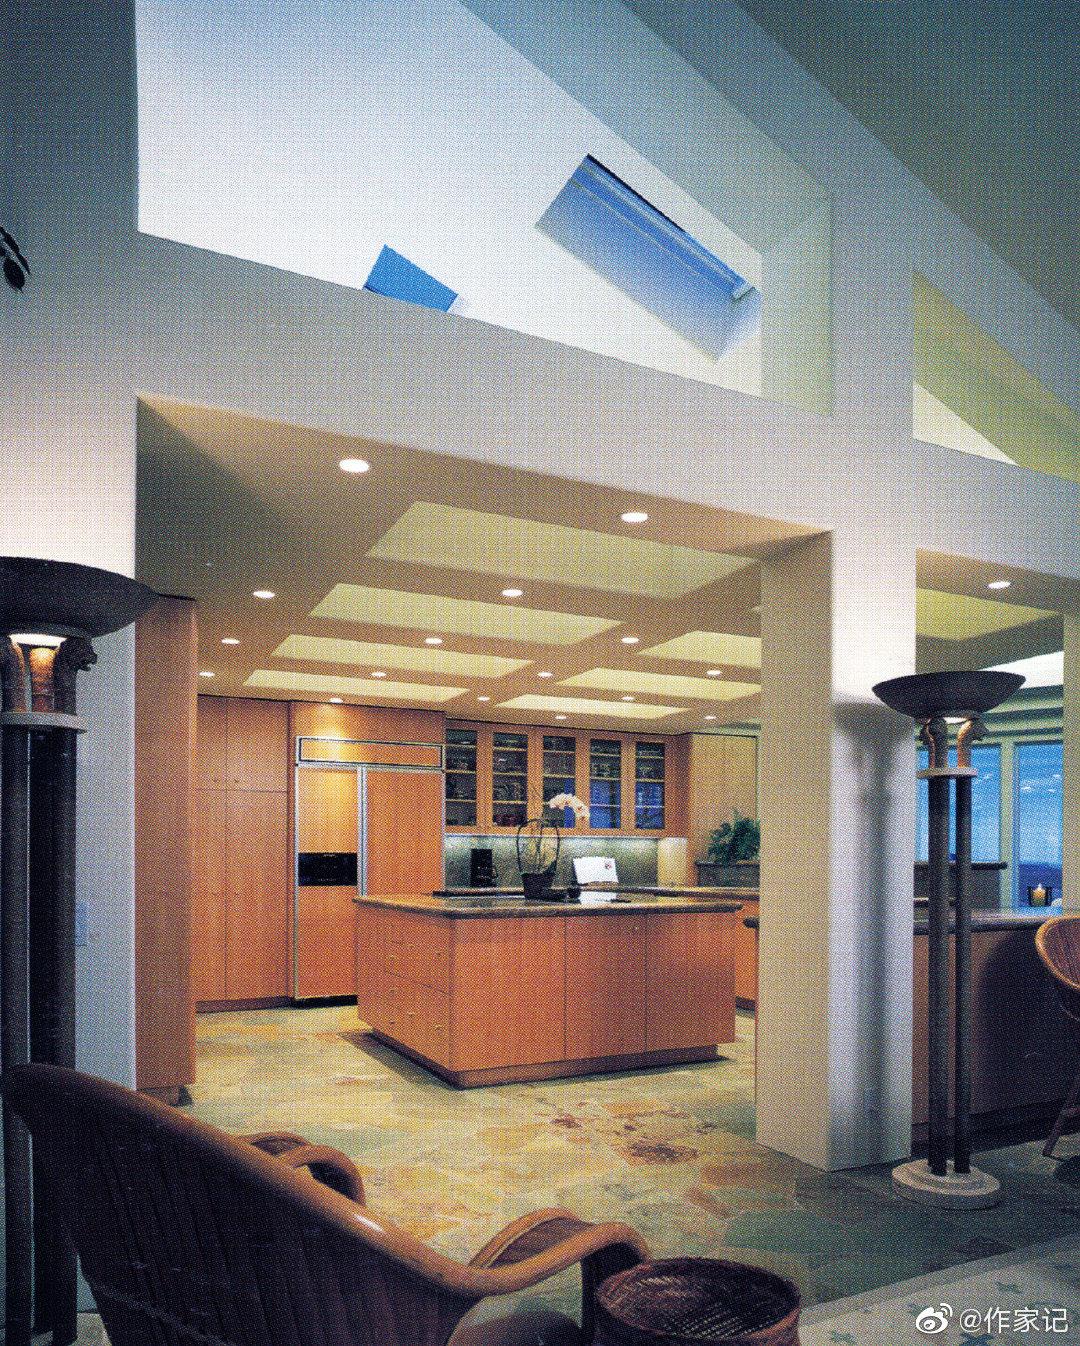 摩登中细节透露着明显年代感的设计是90年代家居的风格了~